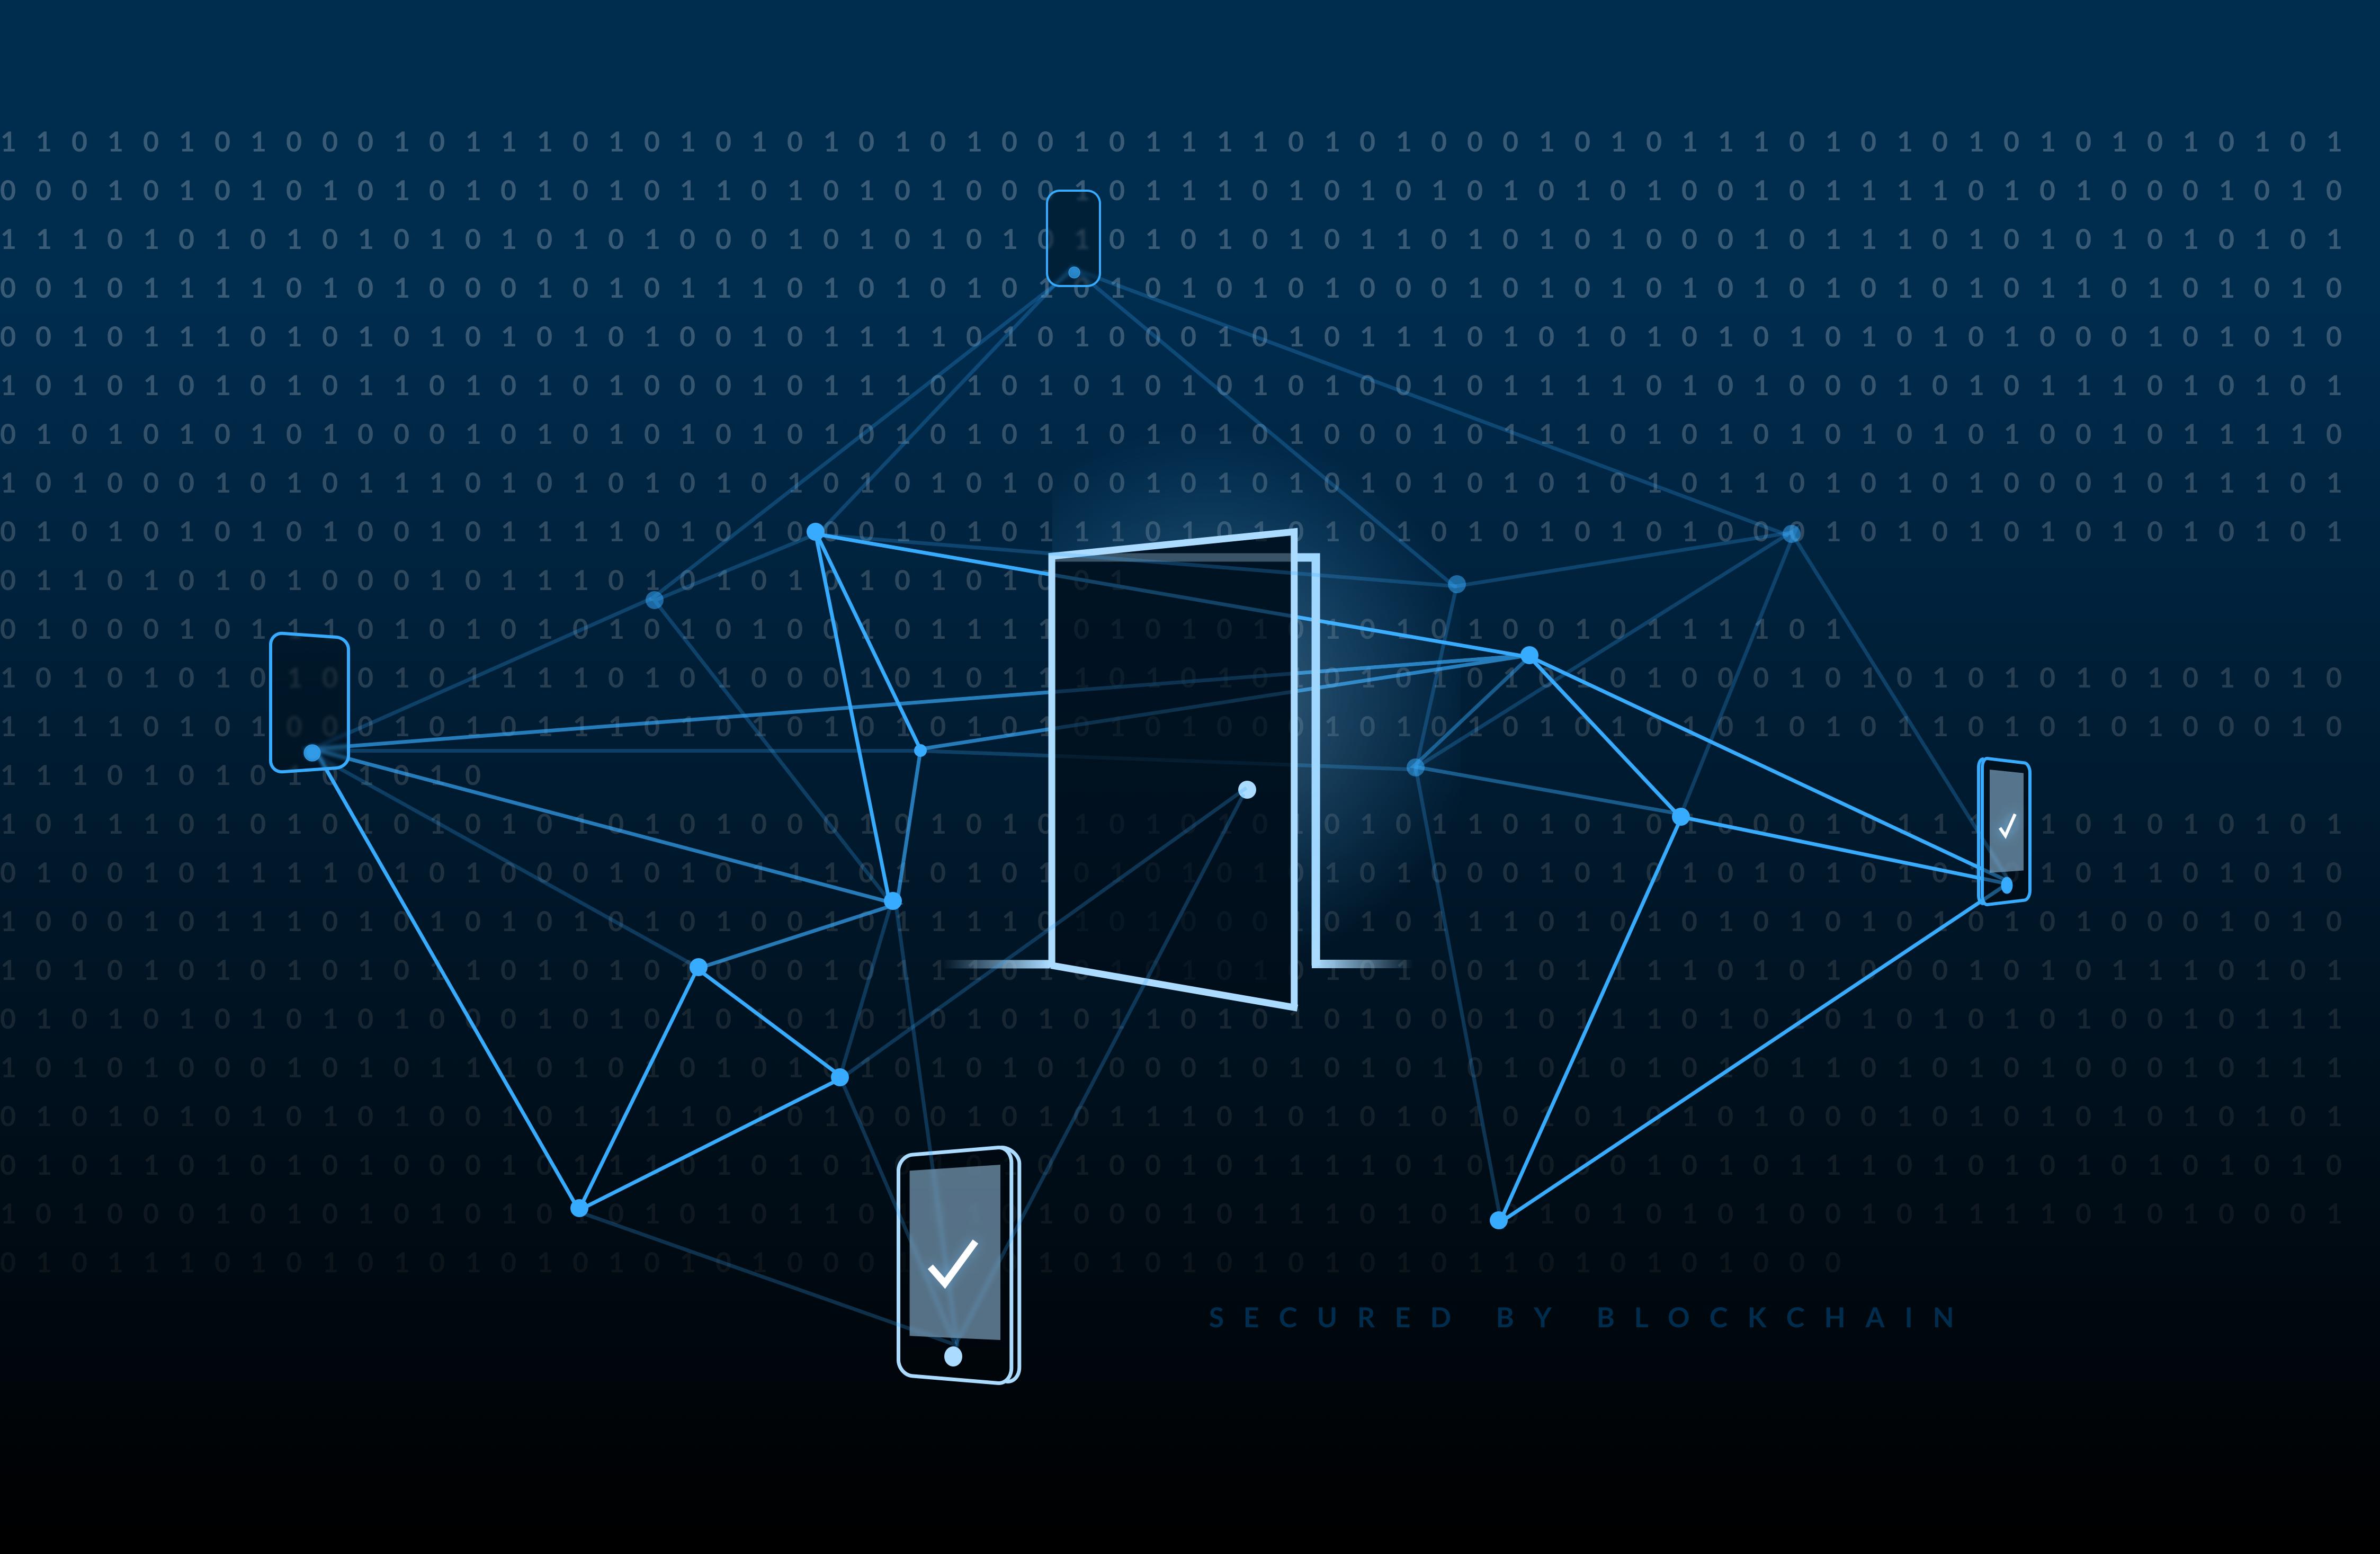 Sensorberg macht mit YPTOKEY-Software digitale Schlüsselvergabe einfacher und sicherer